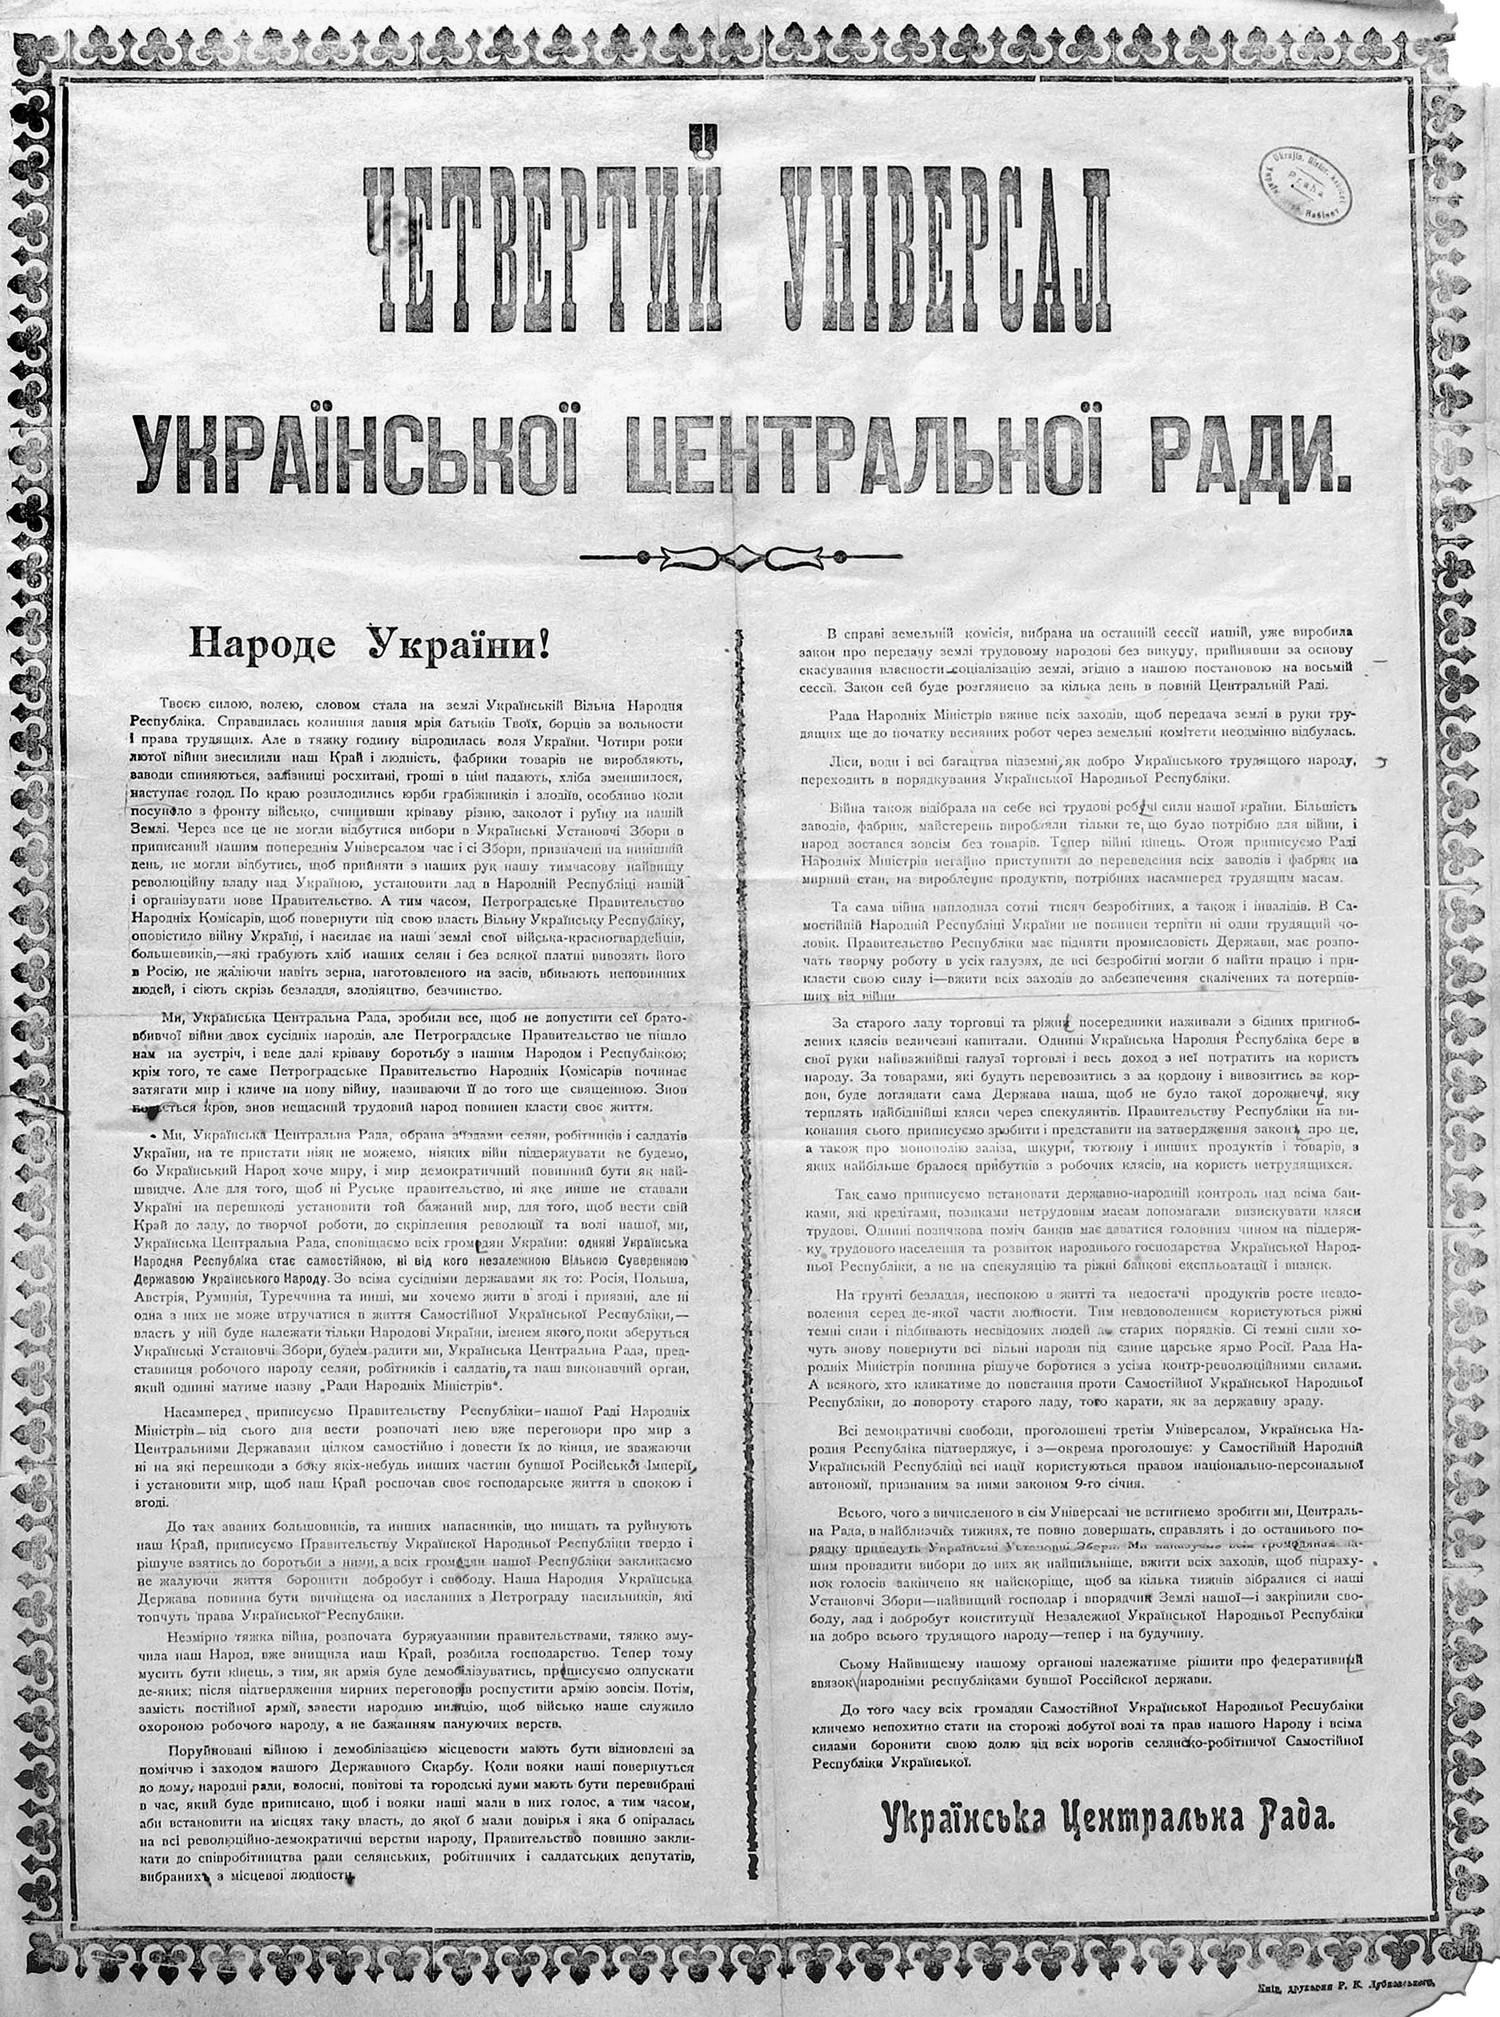 """Czwarty Uniwersał, ogłaszający niepodległość Ukraińskiej Republiki Ludowej. Ilustracja z książki Anne Apllebaum pod tytułem """"Czerwony Głód""""."""